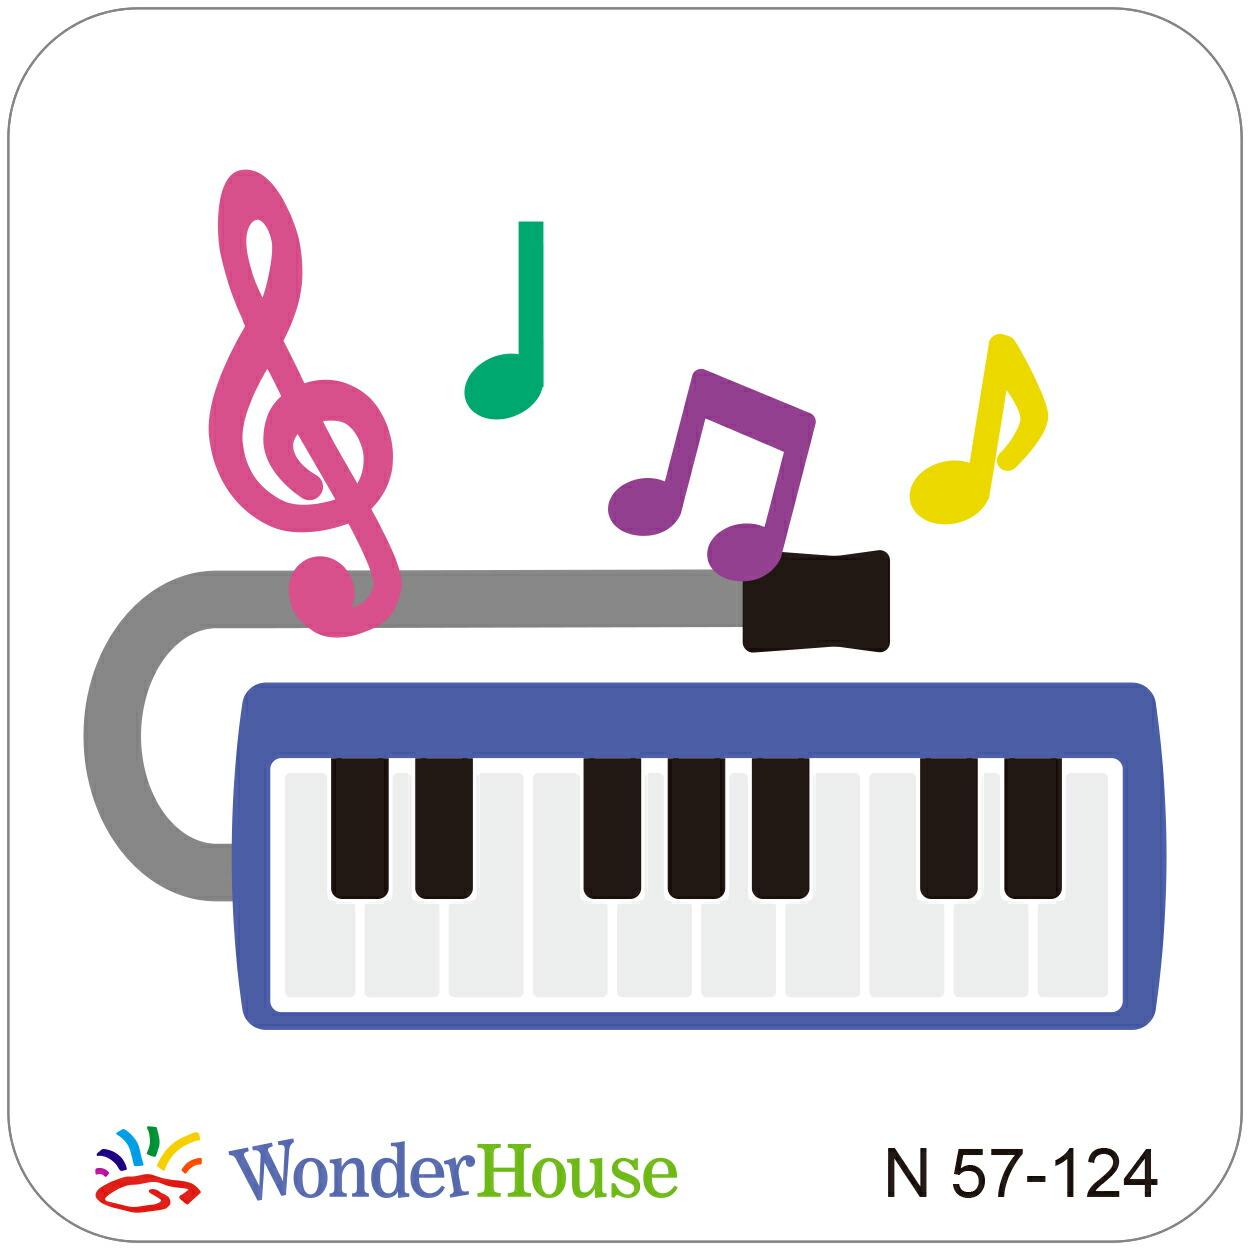 【N57-124】/ワンダーハウス/ダイ(抜型)/ 鍵盤ハーモニカ ピアニカ メロディオン 音符  寺沼麻美